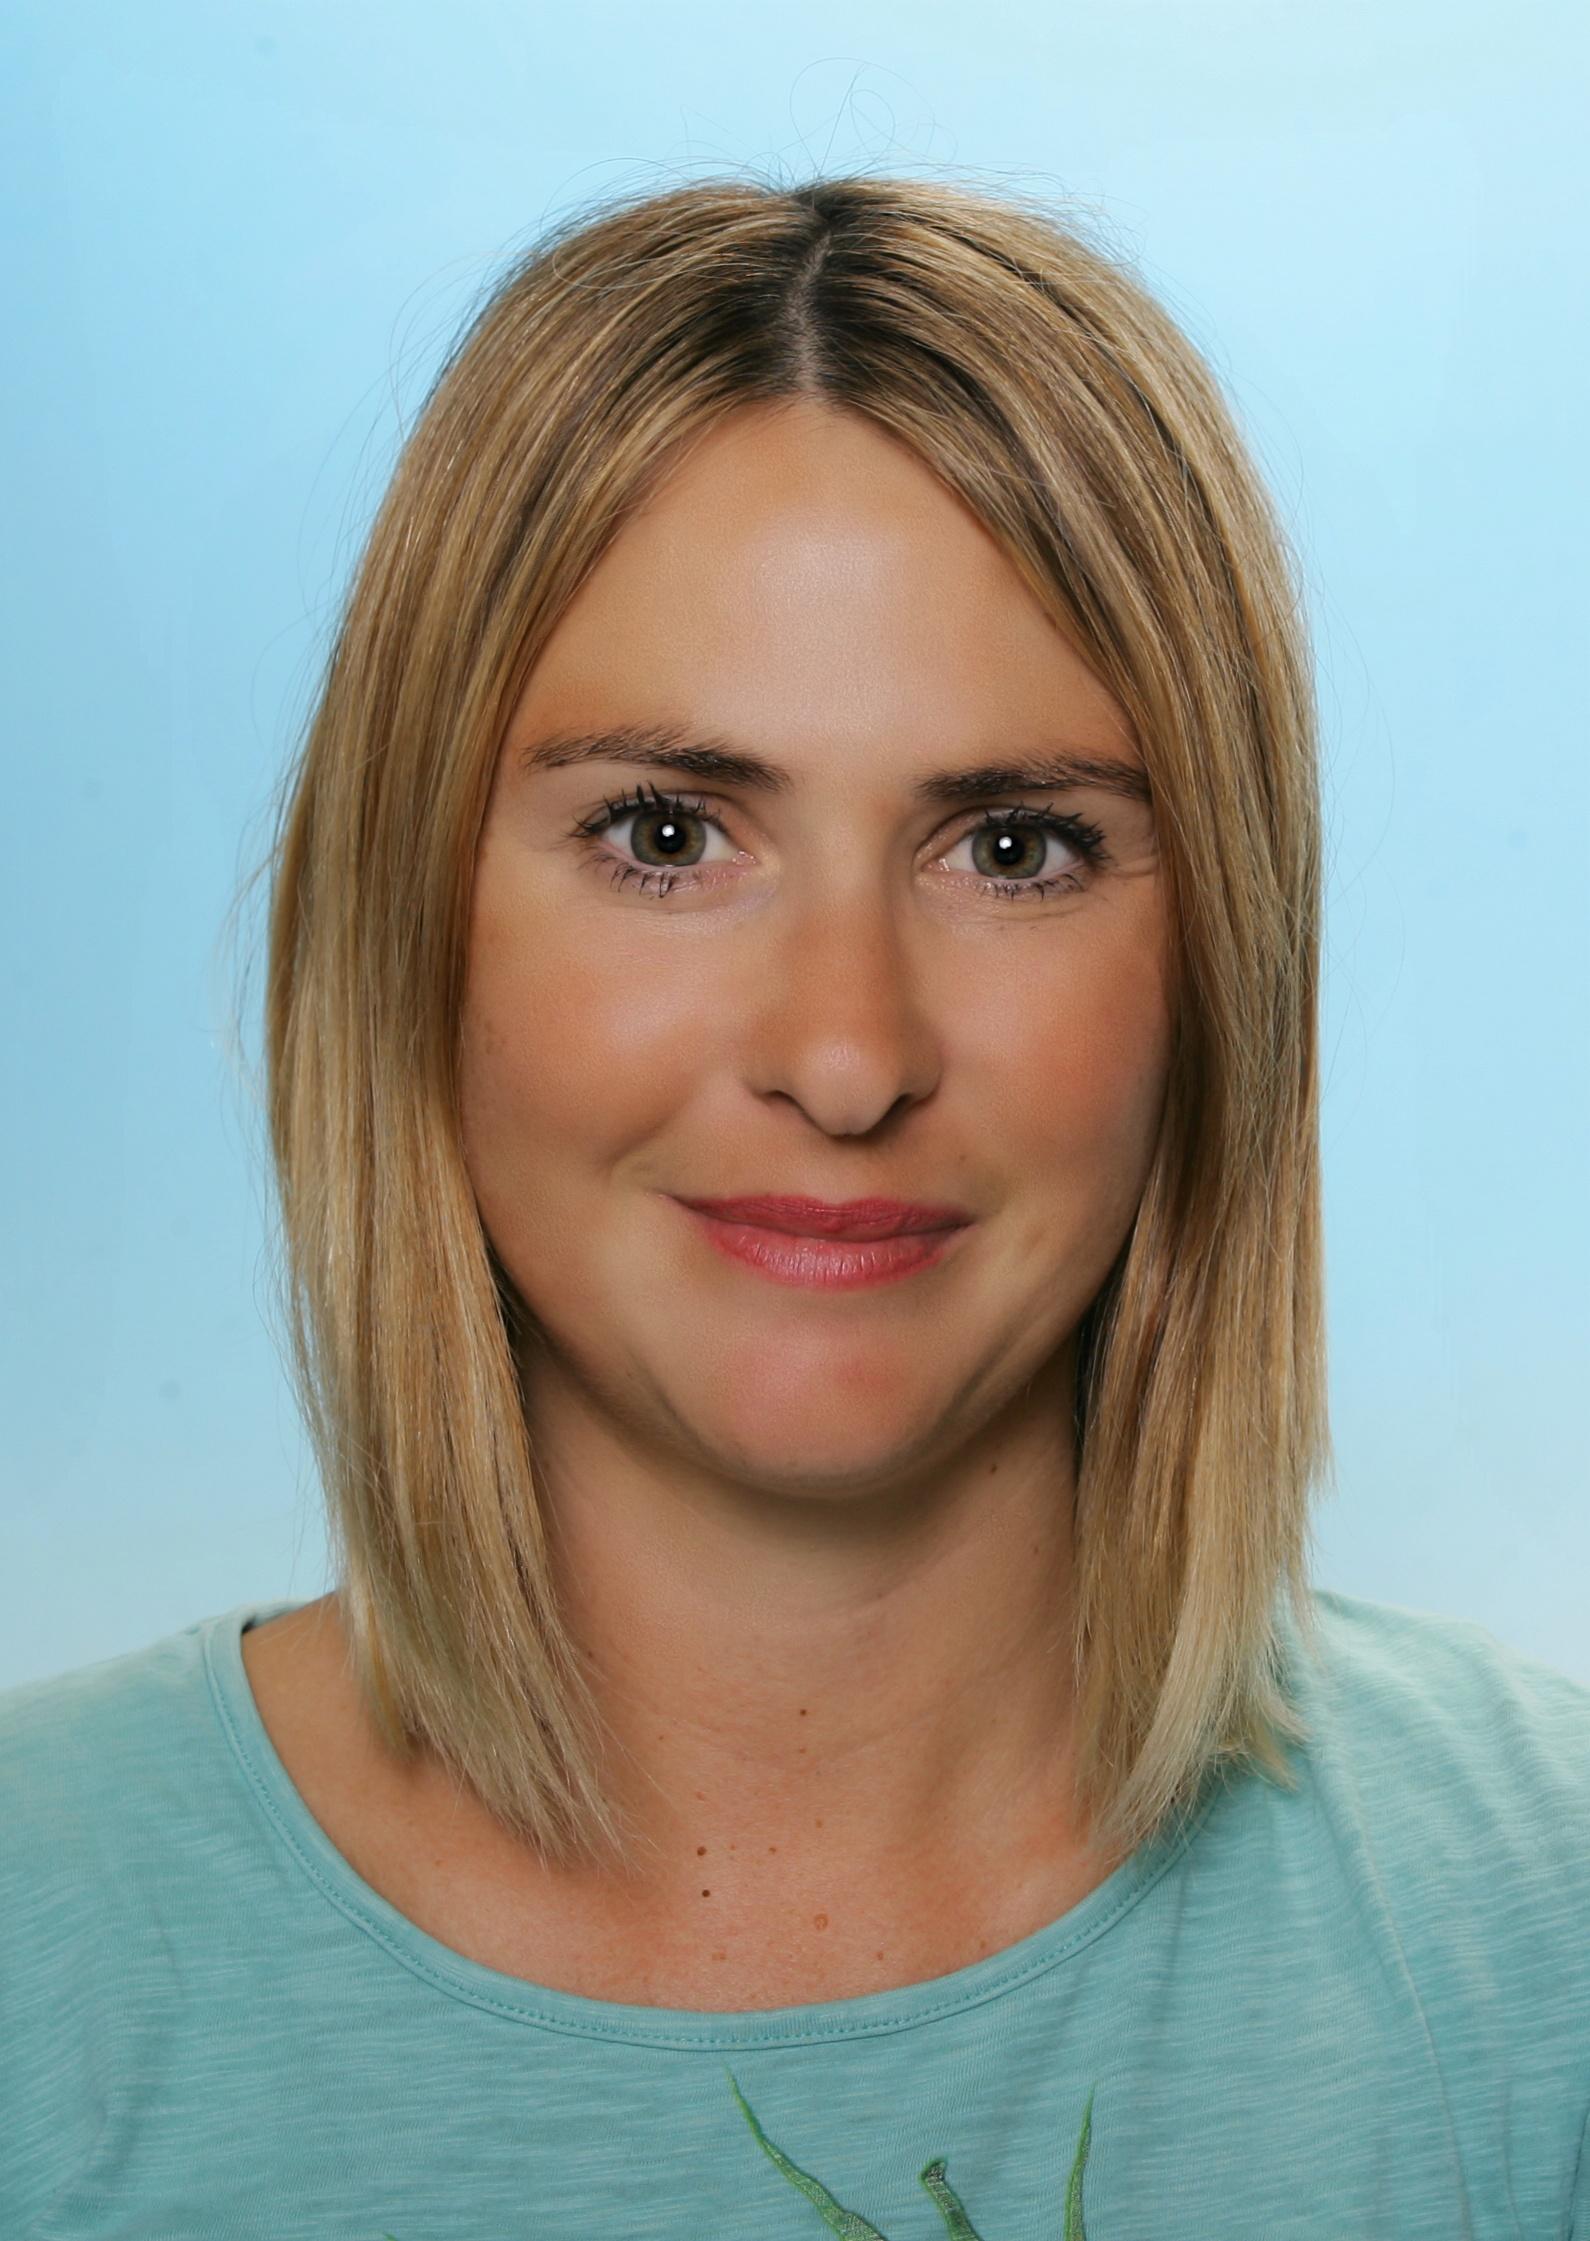 Mihaela Rupnik